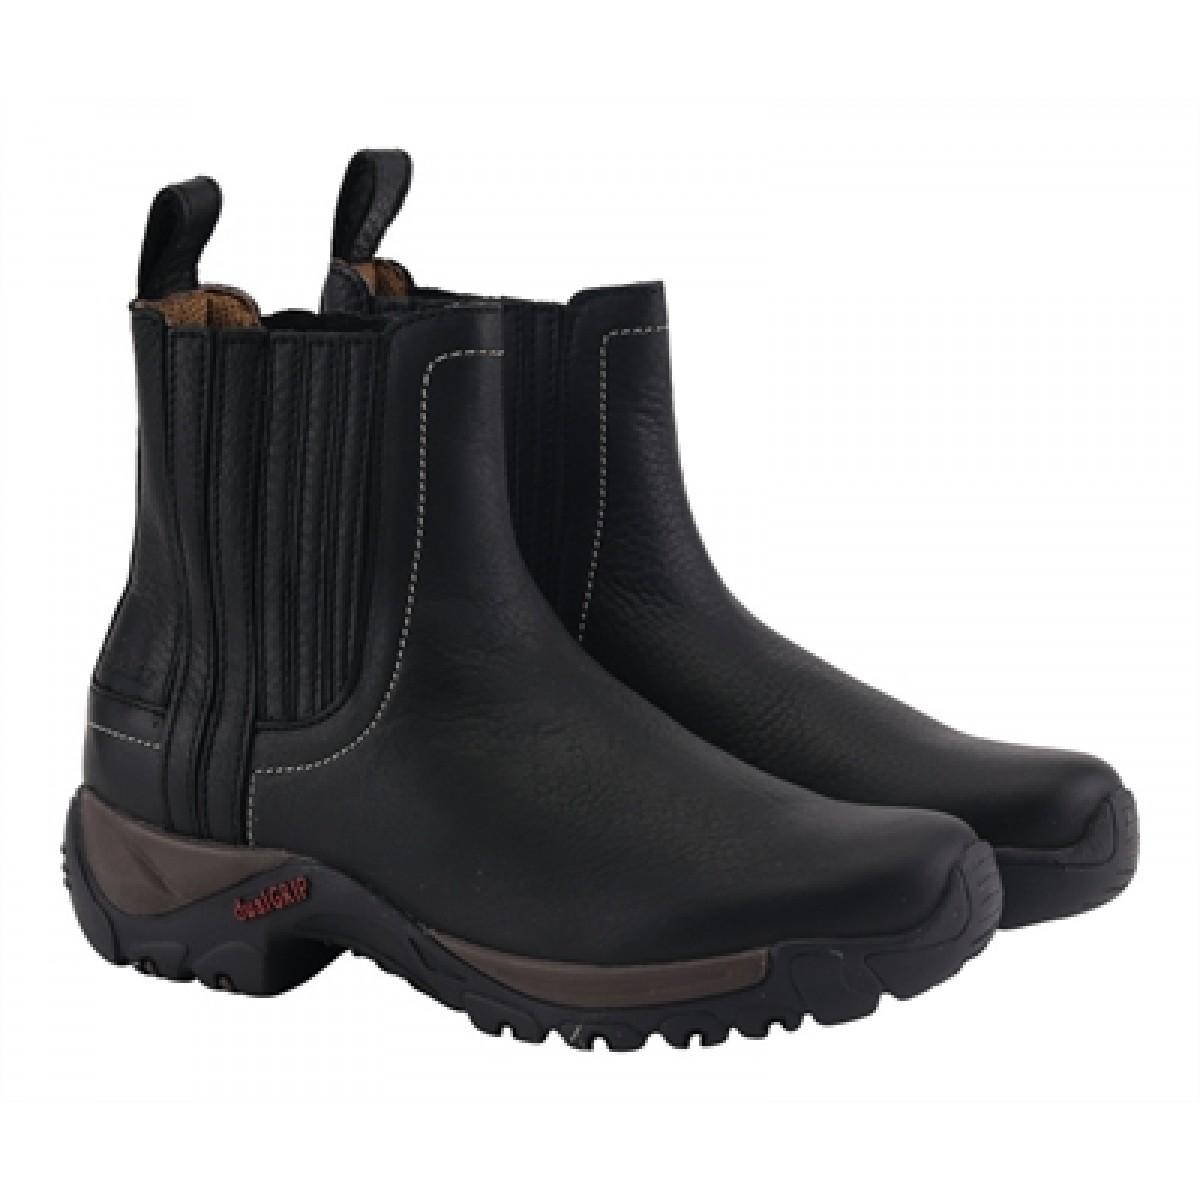 Equipage Lugano jodhpurs støvle